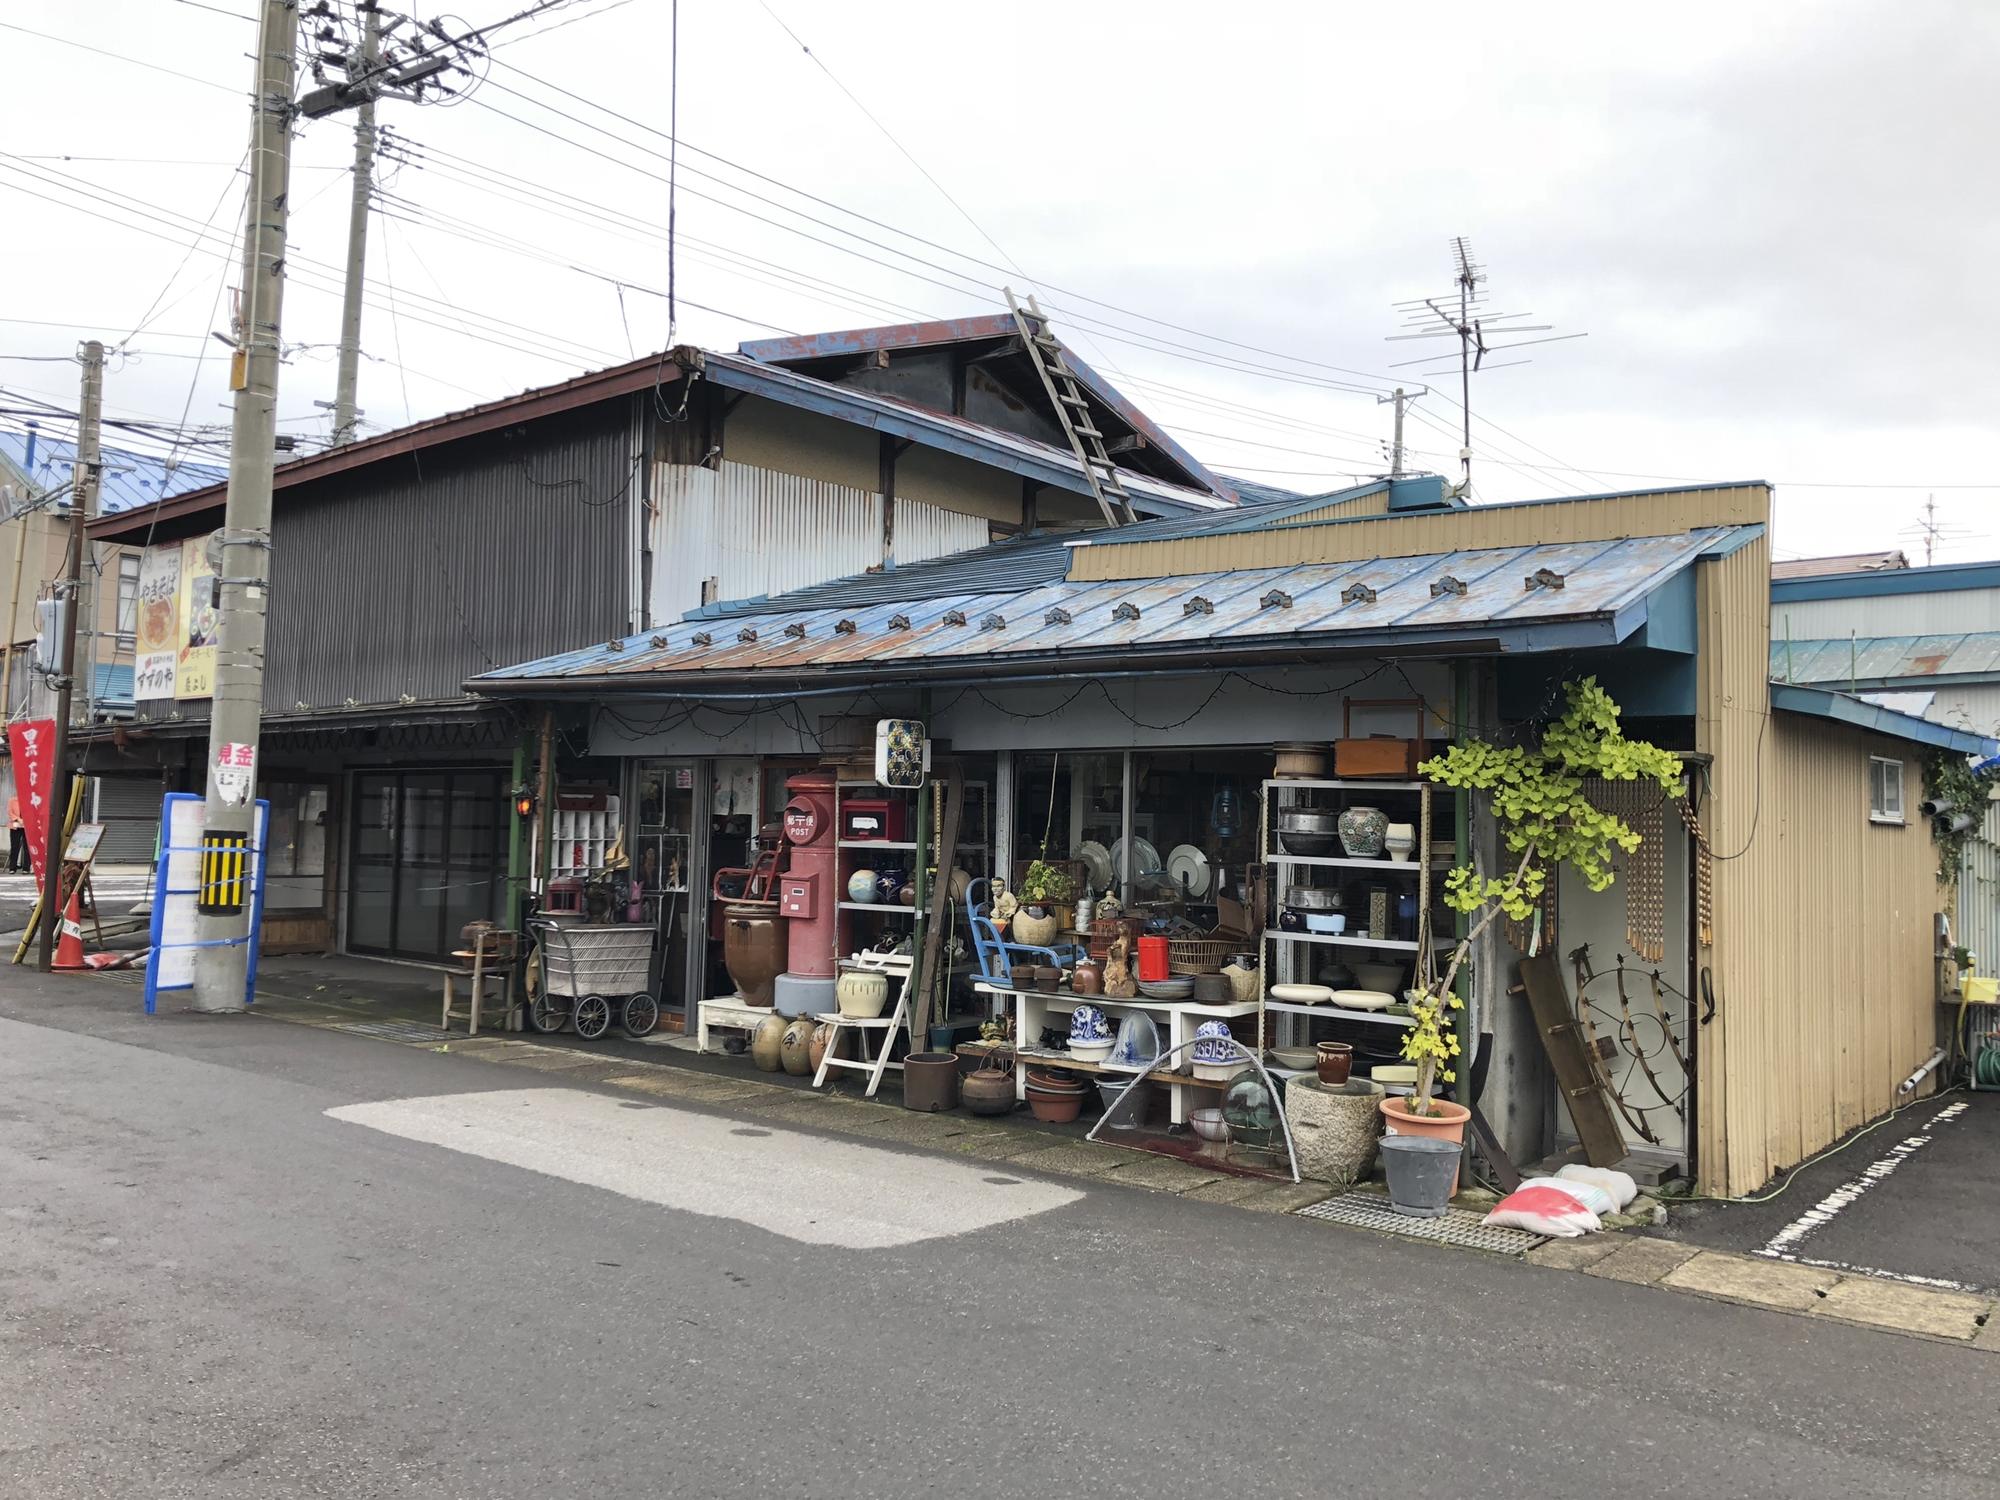 f:id:mitatowa:20181005183824j:plain